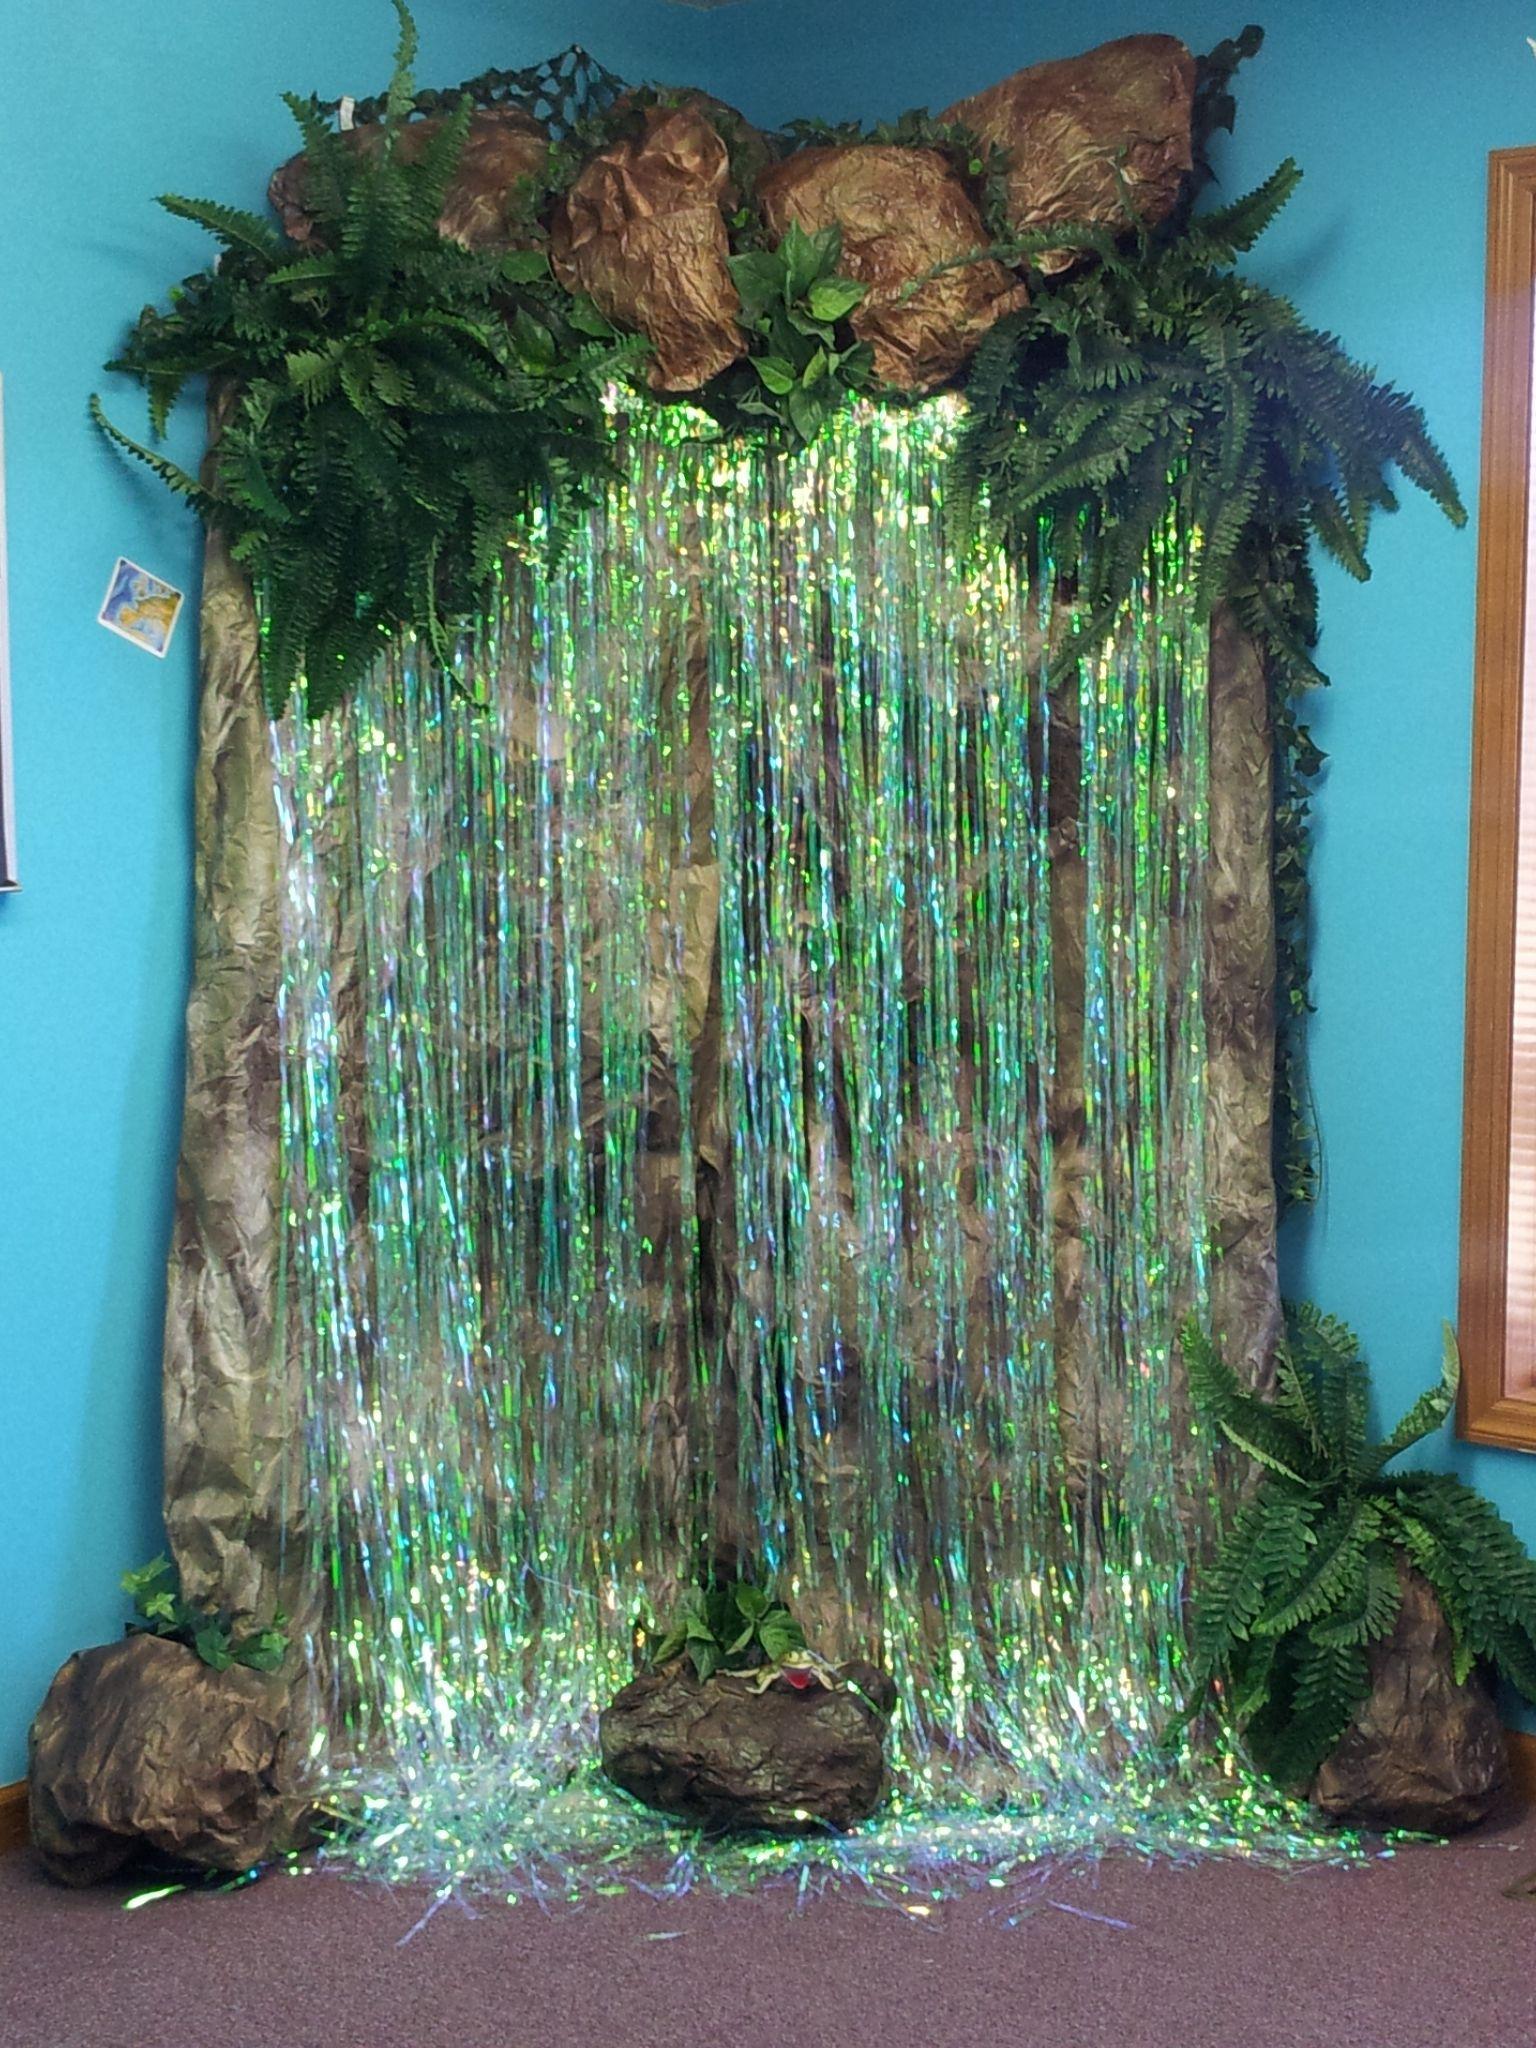 Waterfall? Entry into sanctuary? | Dschungel / Exotische Dekoration ...